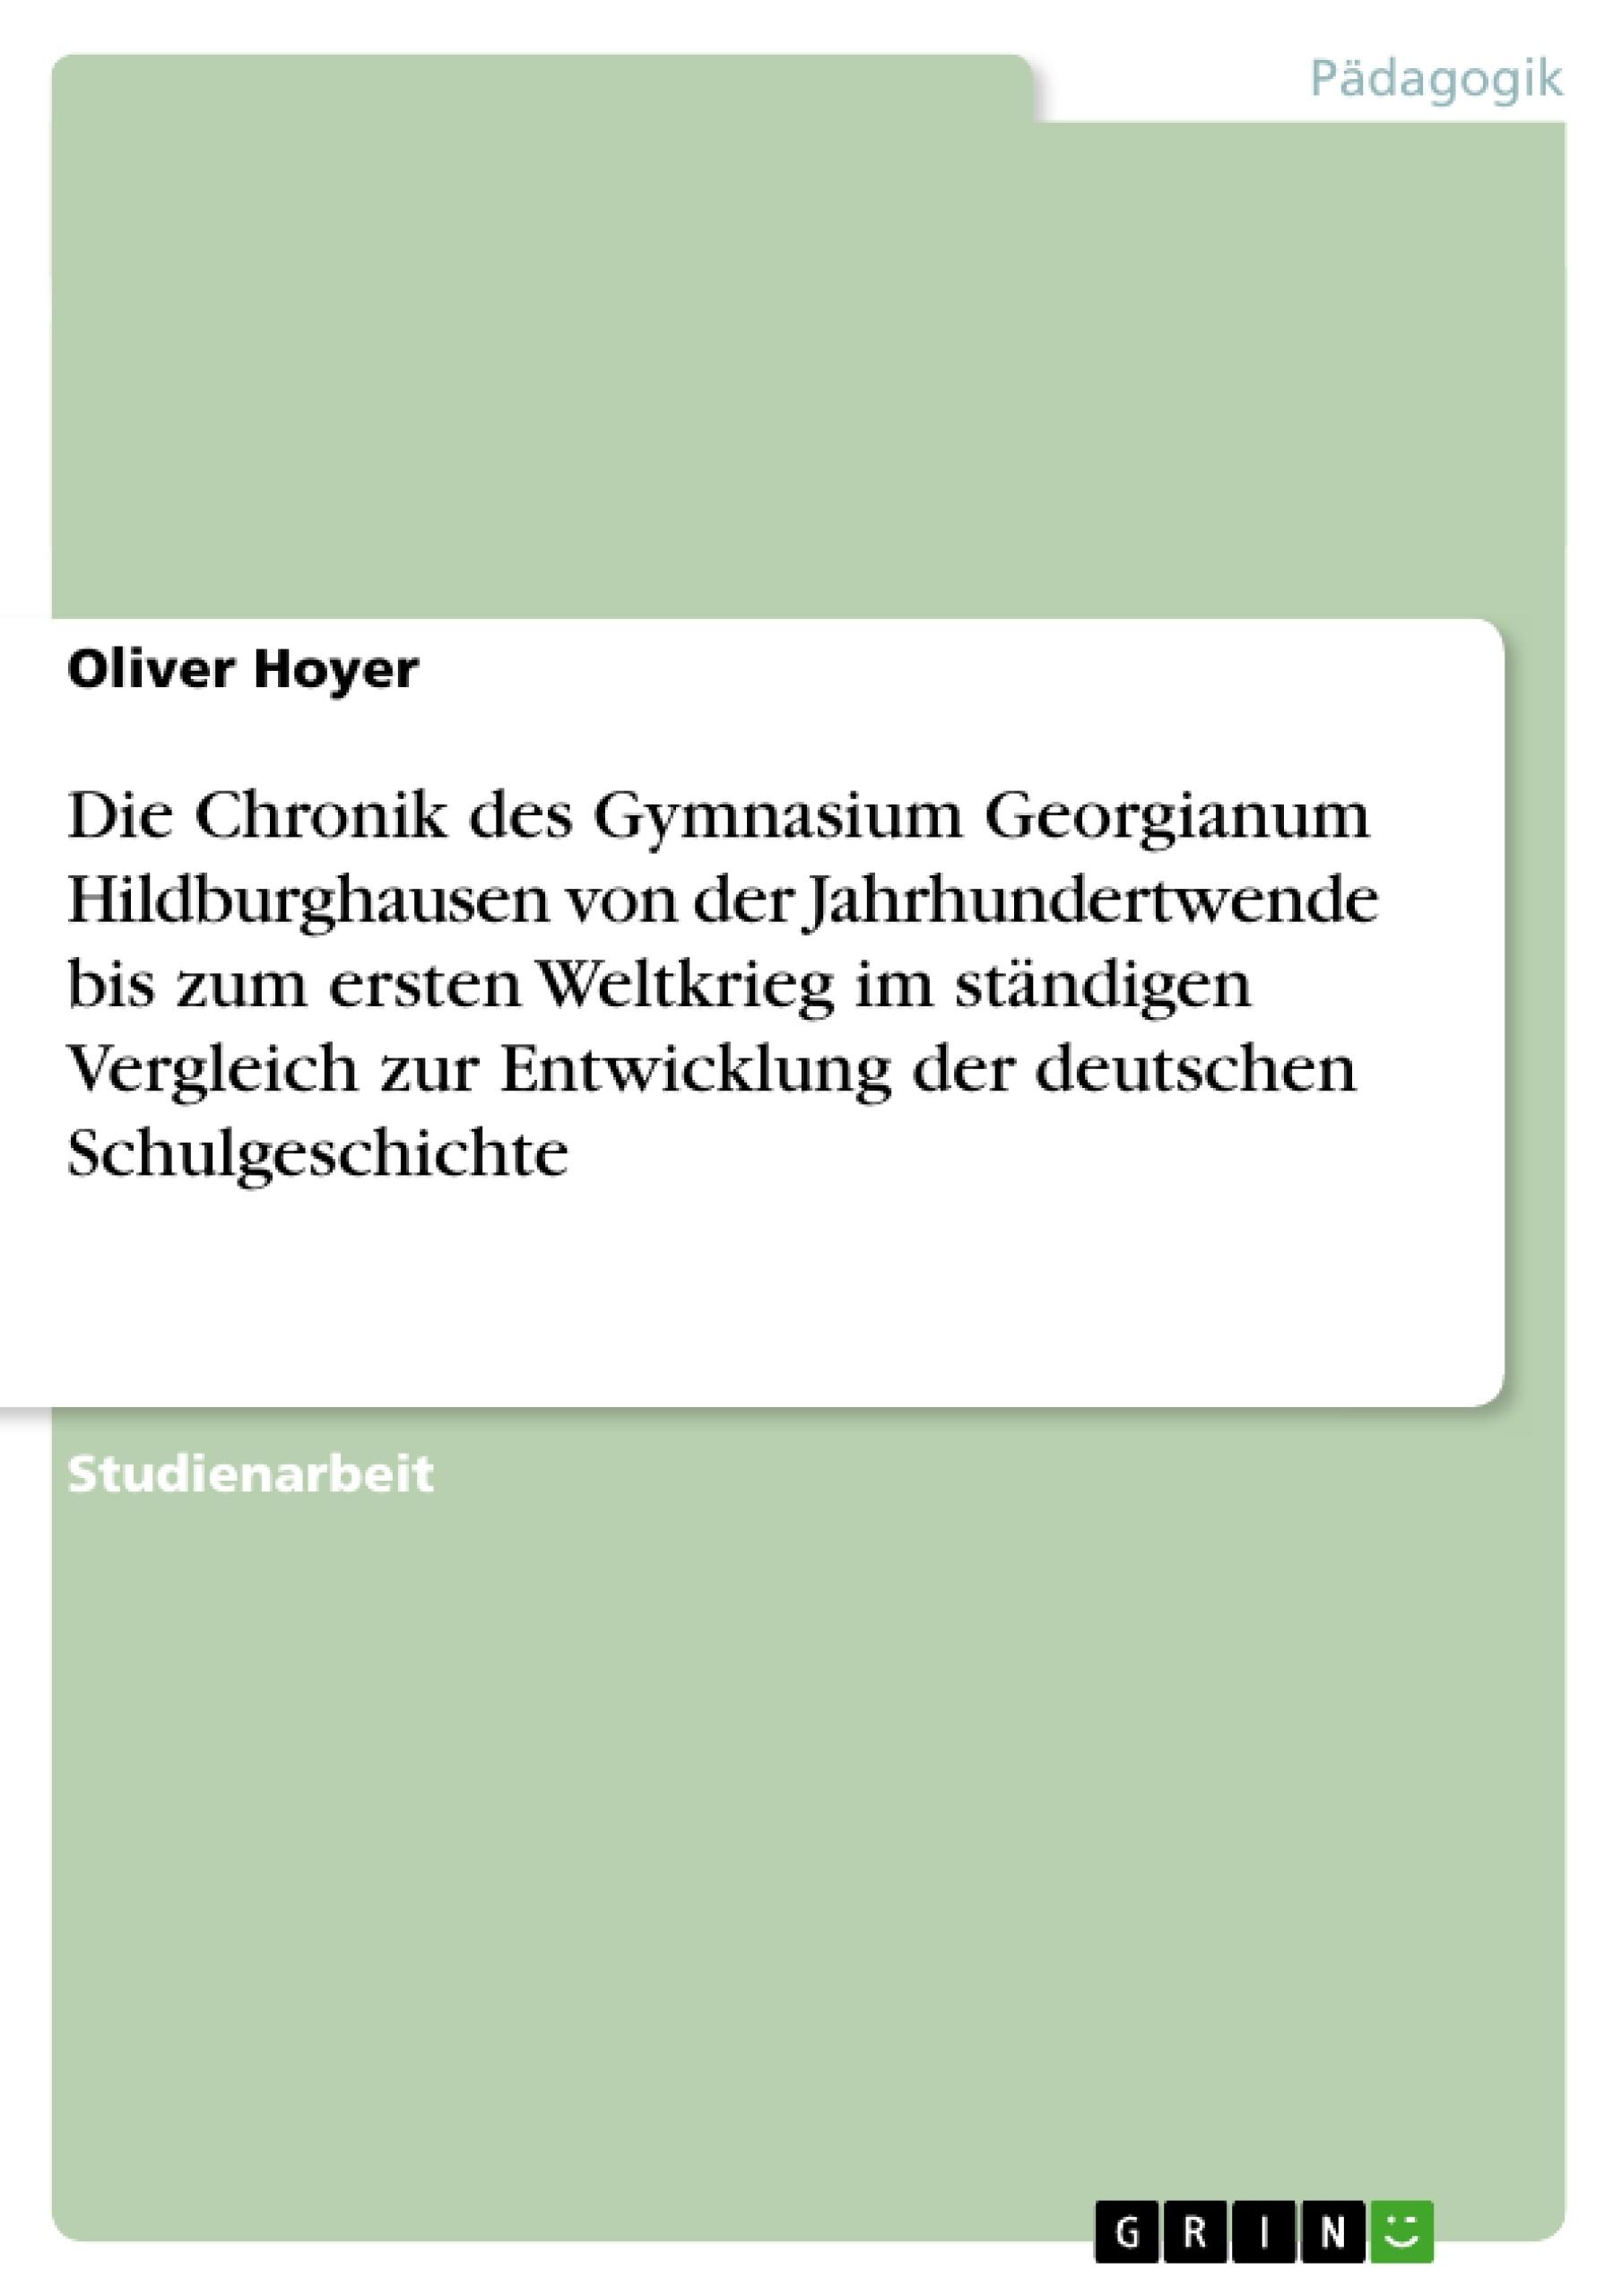 Titel: Die Chronik des Gymnasium Georgianum Hildburghausen von der Jahrhundertwende  bis zum ersten Weltkrieg im ständigen Vergleich zur Entwicklung der deutschen Schulgeschichte